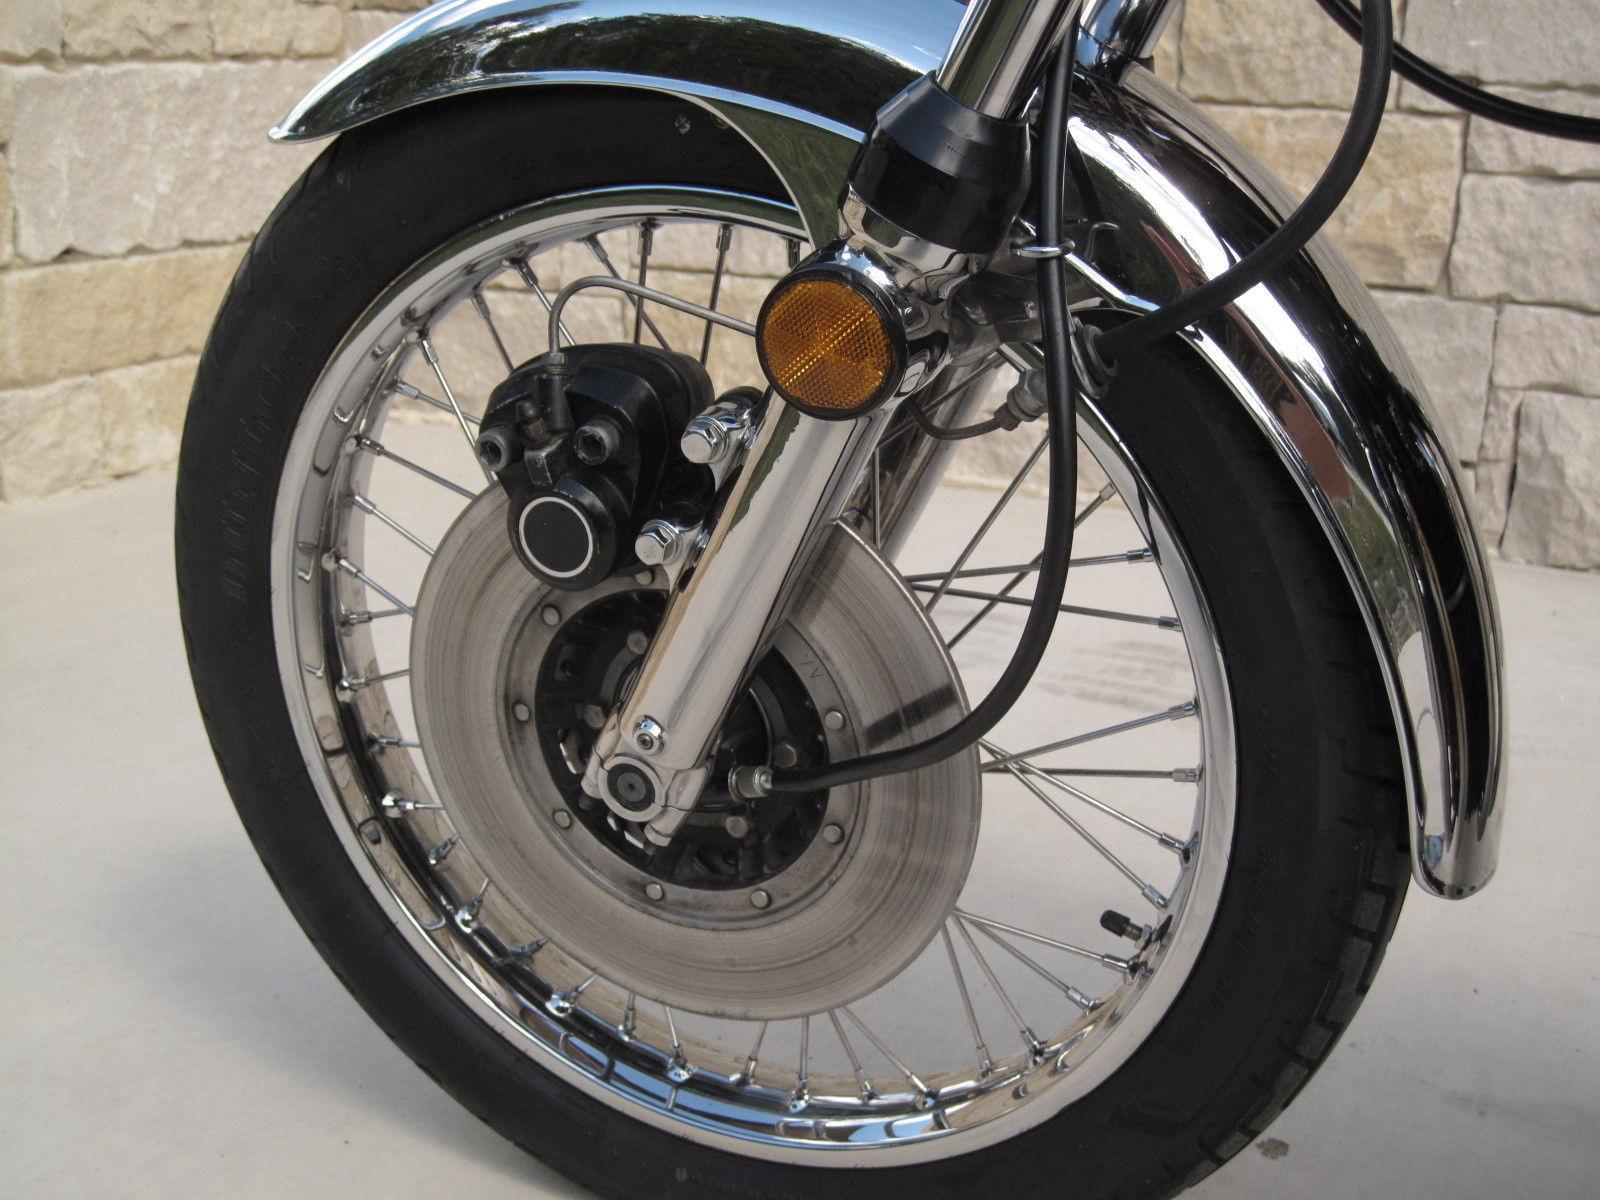 Kawasaki Z1 - 1973 - Front Wheel, Forks, Brake and Reflector.